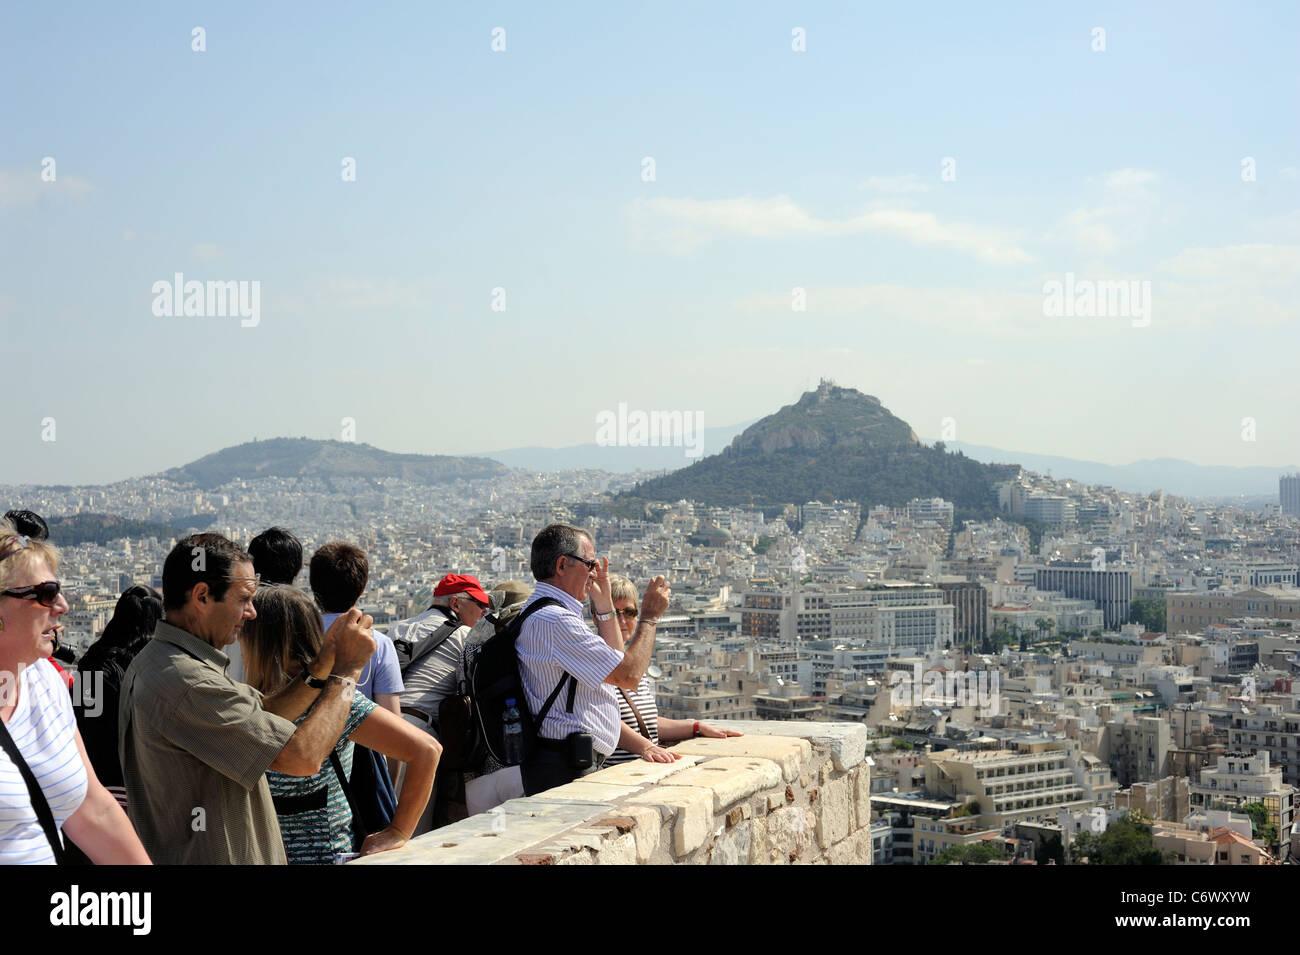 Athens Greece european tourists in Acropolis - Stock Image